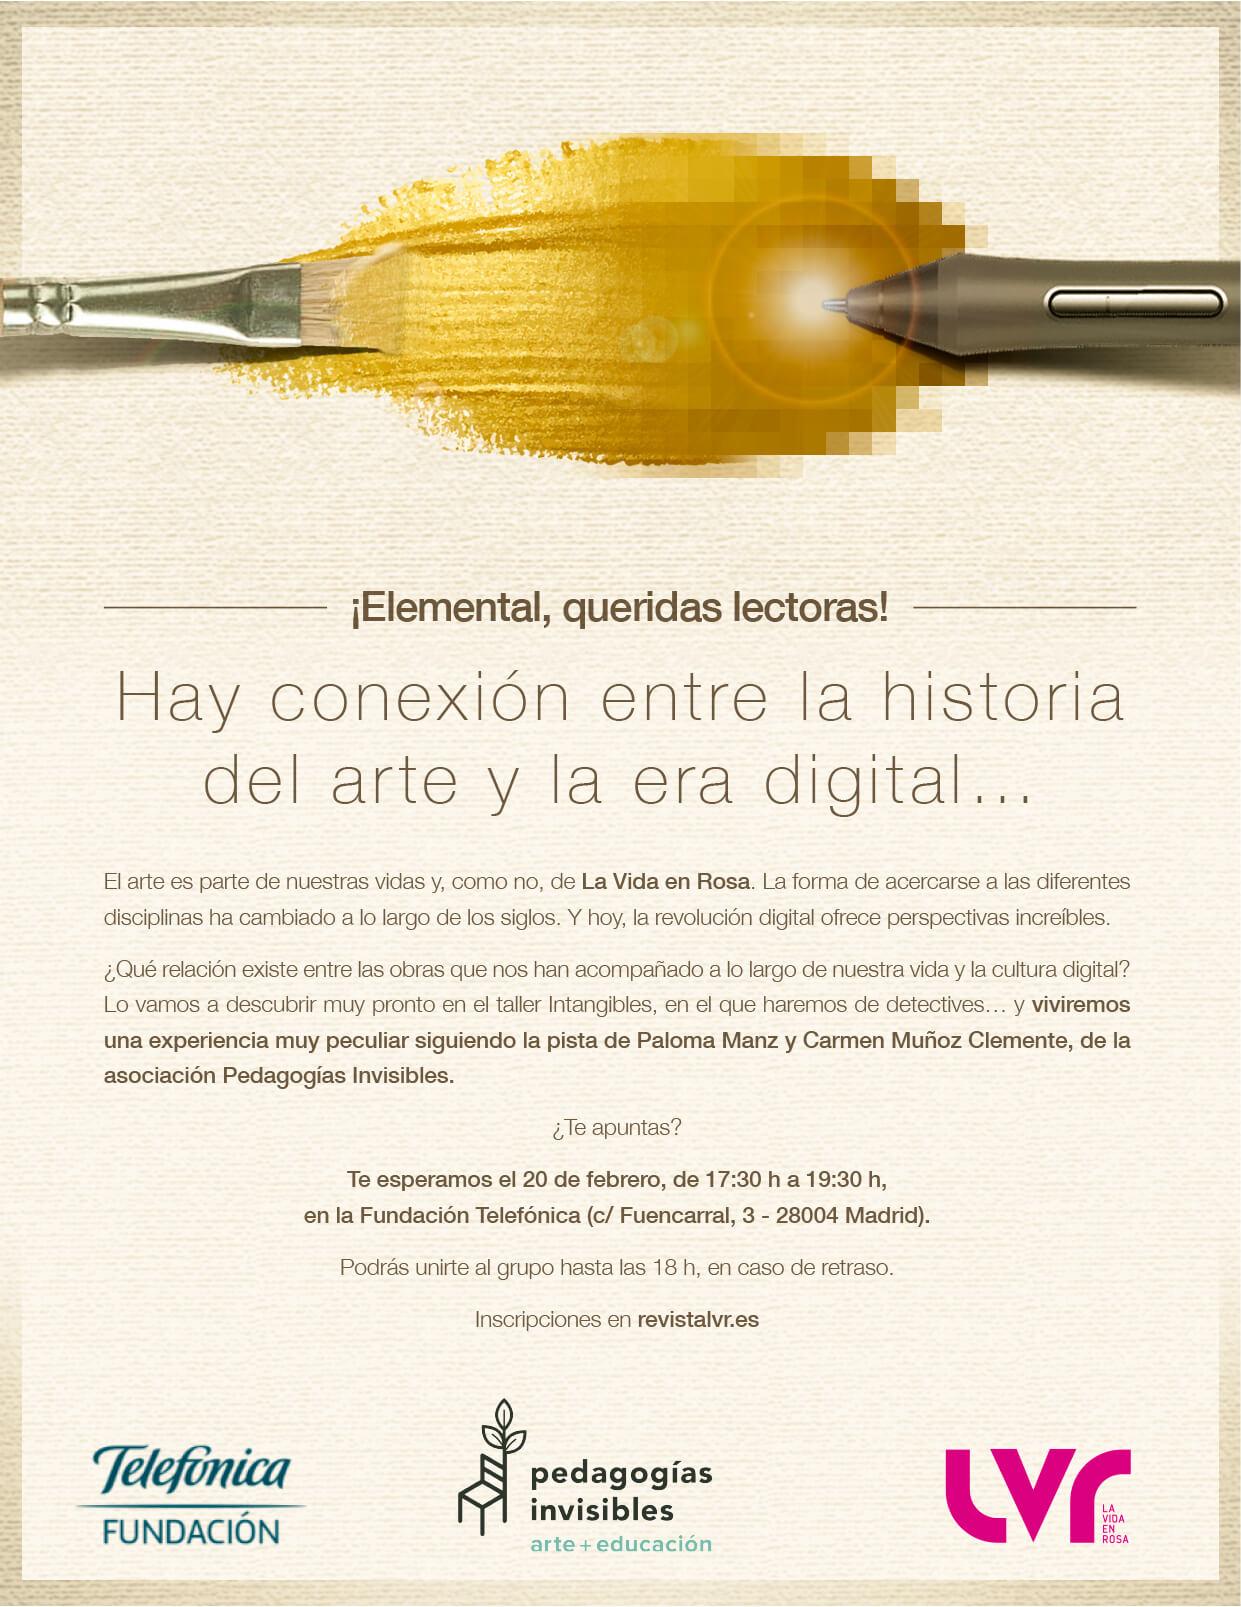 Hay conexión entre la historial del arte y la era digital